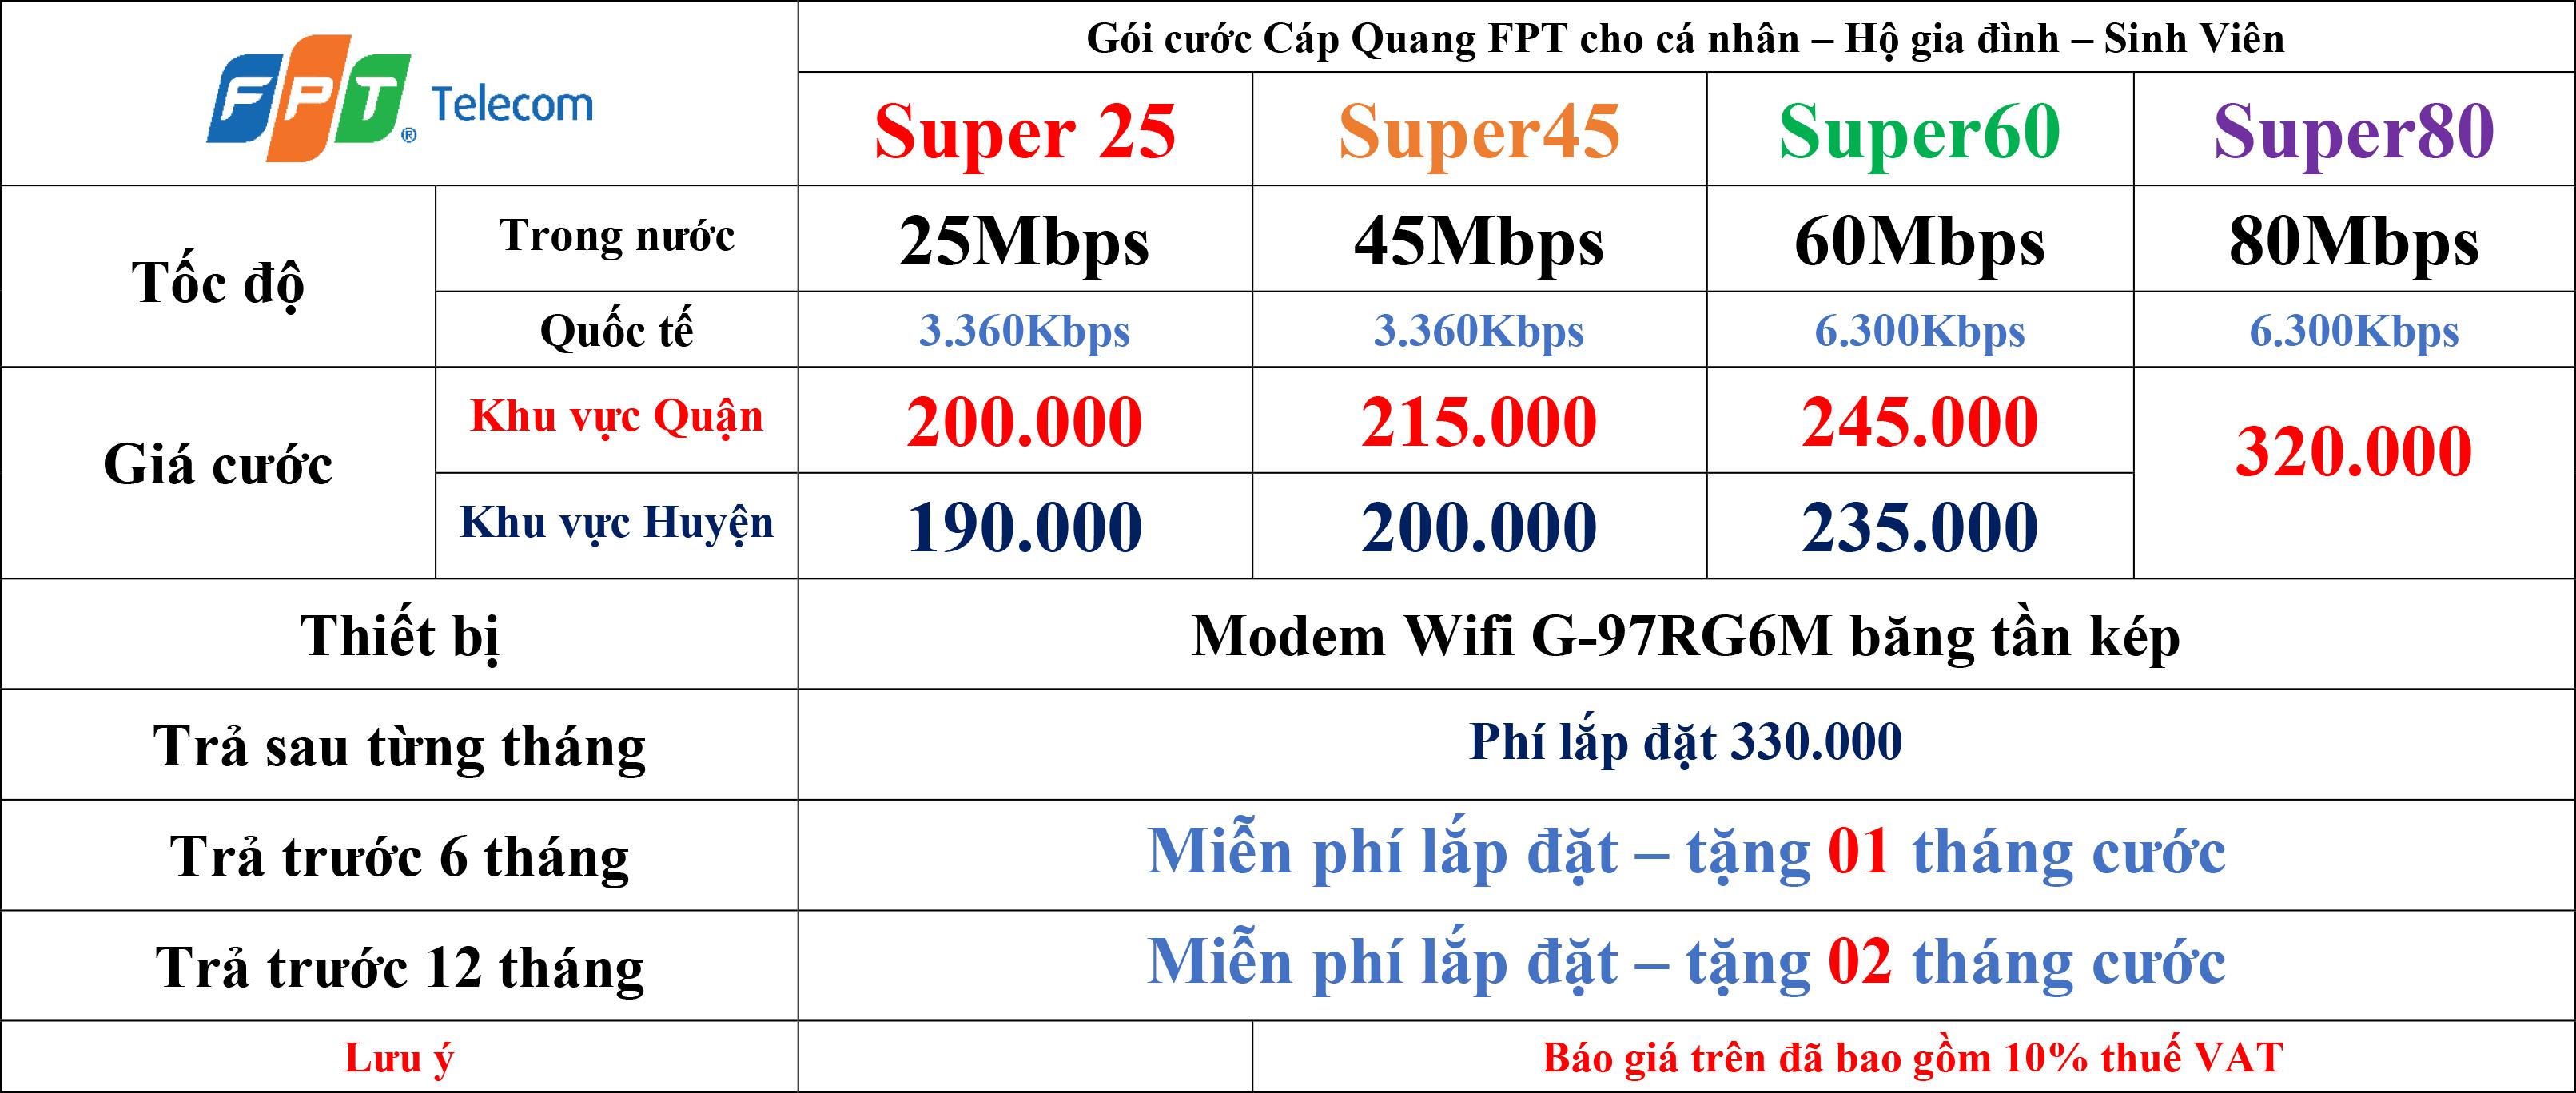 goi-cuoc-internet-cho-khach-hang-ca-nhan-tai-ha-noi-1